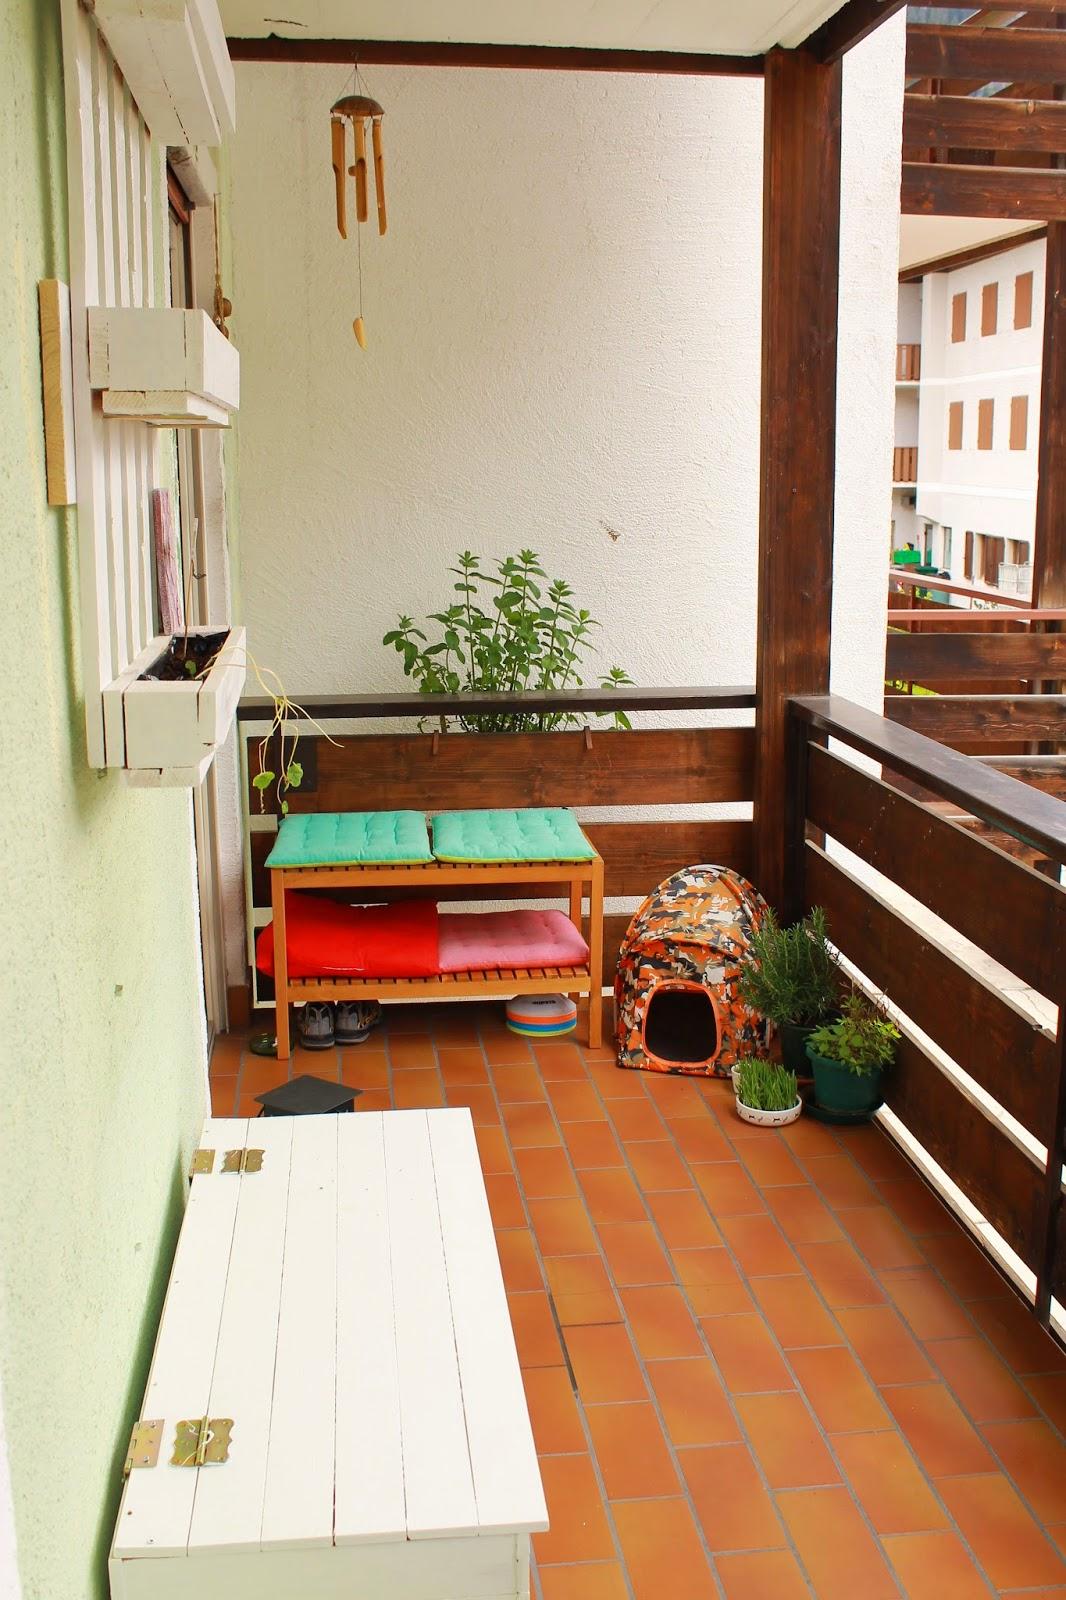 Life of ma balcone finito for Cassapanca per balcone